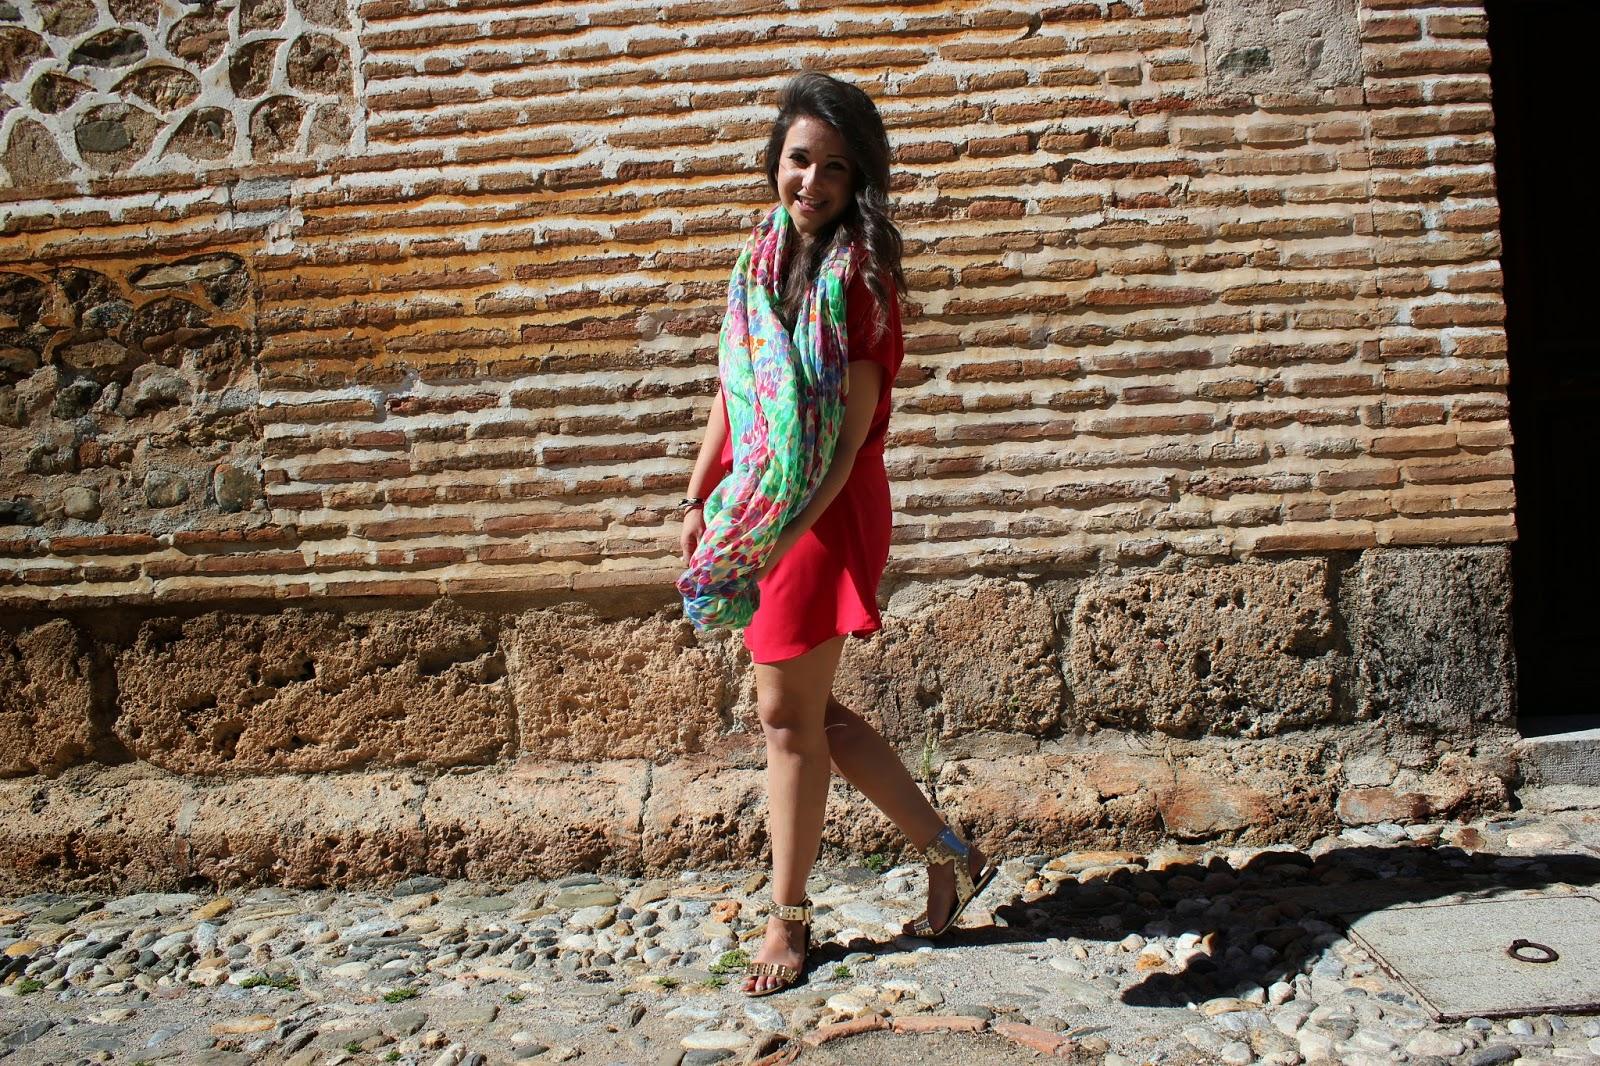 DIY Vestido muy fácil para el verano (patrones incluidos)